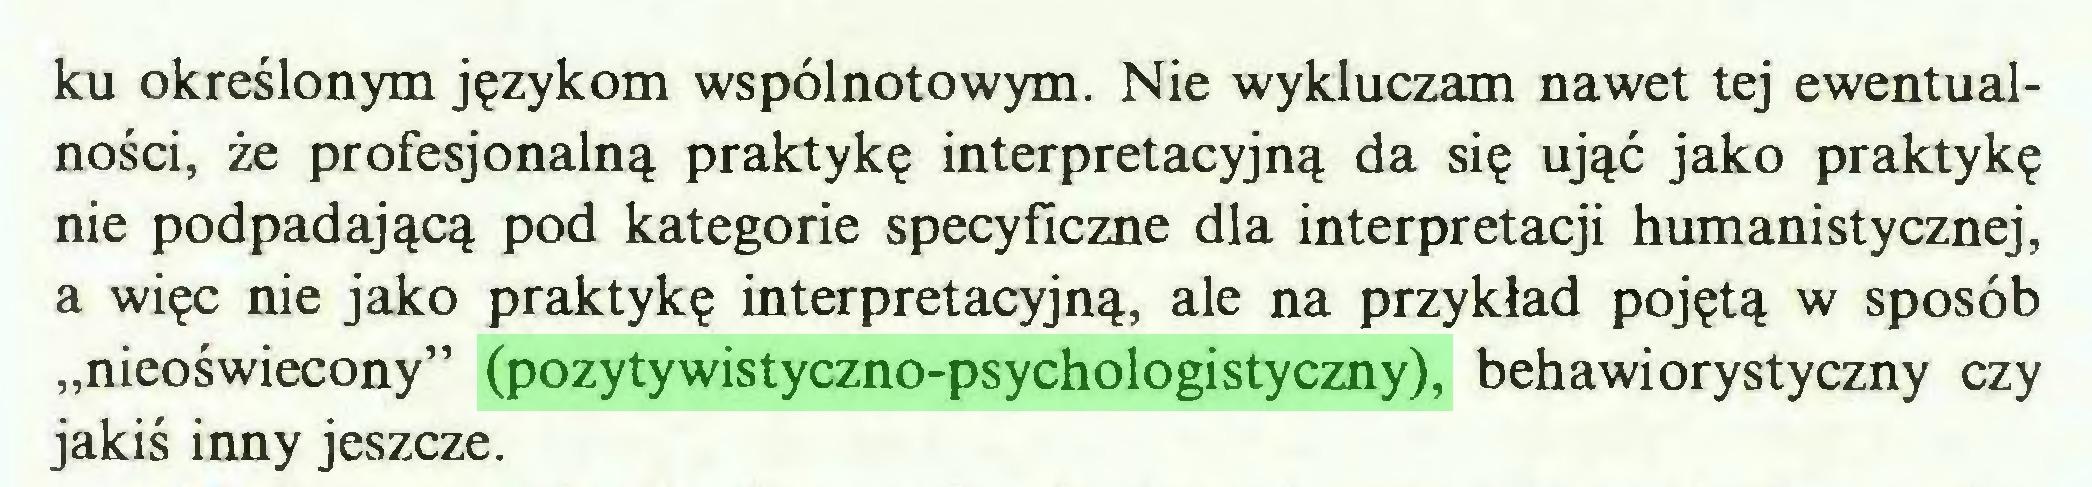 """(...) ku określonym językom wspólnotowym. Nie wykluczam nawet tej ewentualności, że profesjonalną praktykę interpretacyjną da się ująć jako praktykę nie podpadającą pod kategorie specyficzne dla interpretacji humanistycznej, a więc nie jako praktykę interpretacyjną, ale na przykład pojętą w sposób """"nieoświecony"""" (pozytywistyczno-psychologistyczny), behawiorystyczny czy jakiś inny jeszcze..."""